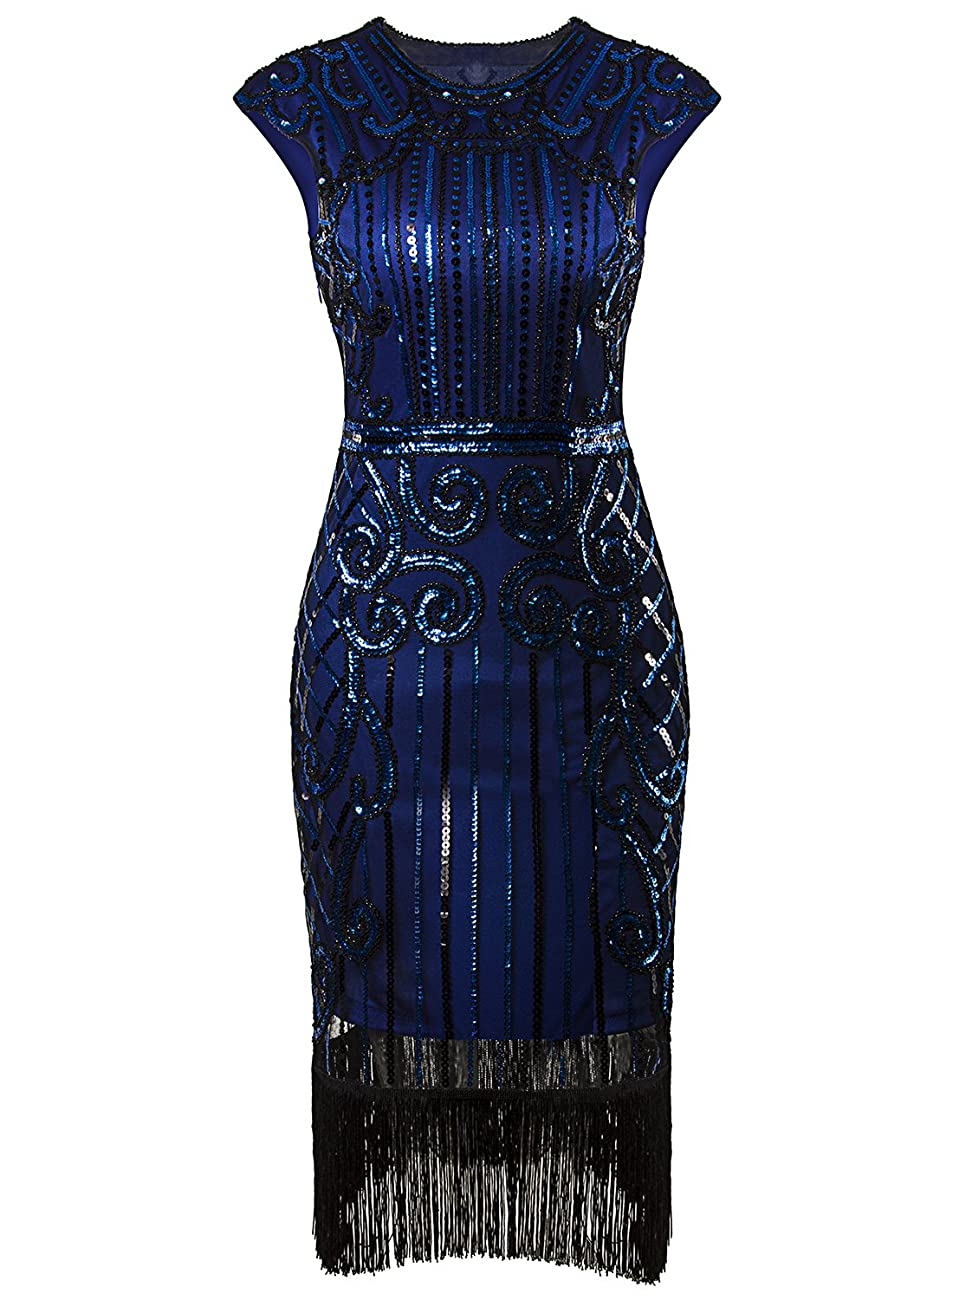 Vijiv 1920s Vintage Inspired Sequin Embellished Fringe Long Gatsby Flapper Dressblue 0